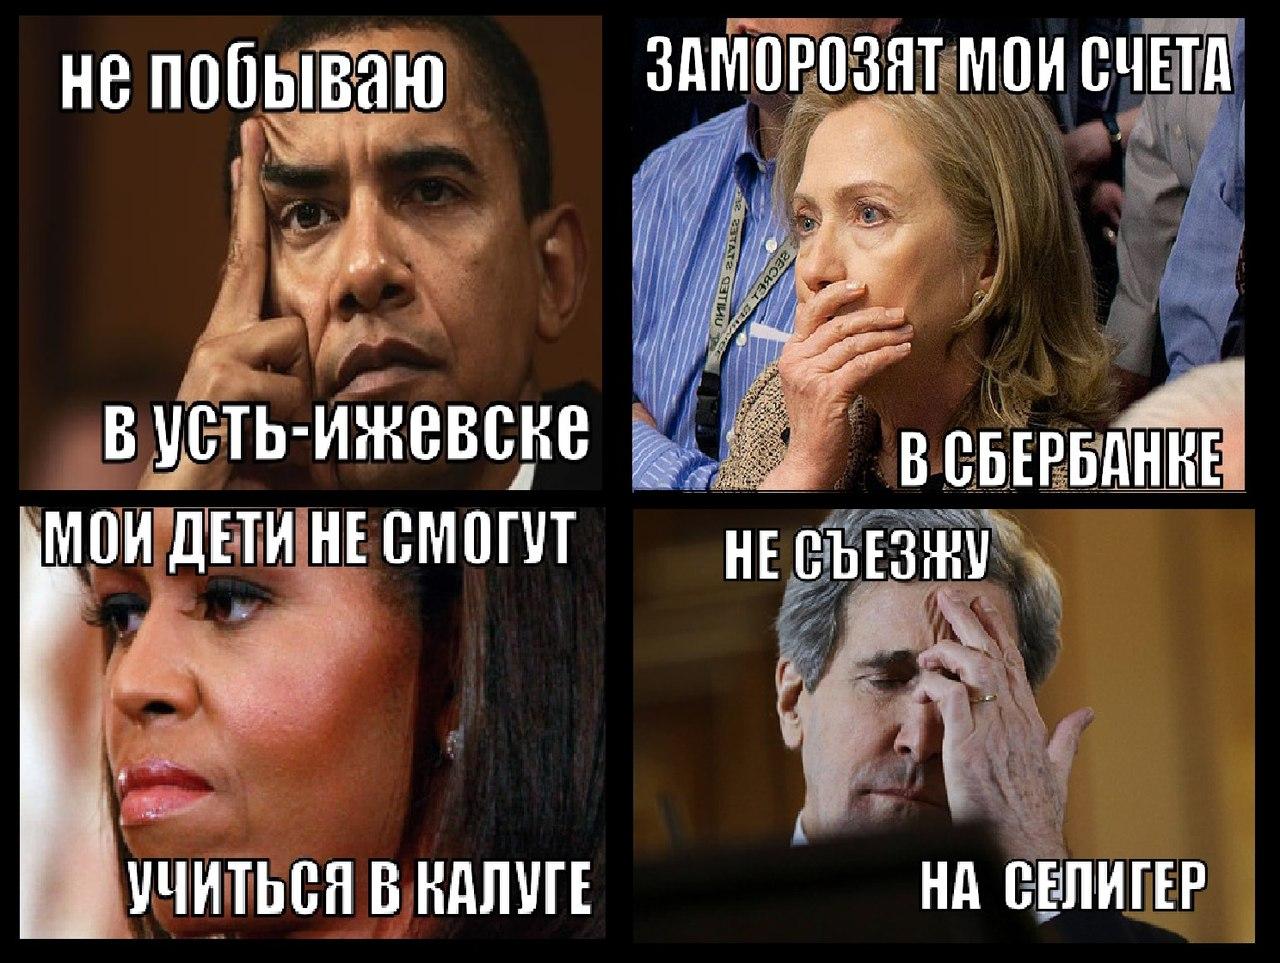 Россия вновь грозит США симметричными санкциями - Цензор.НЕТ 1319